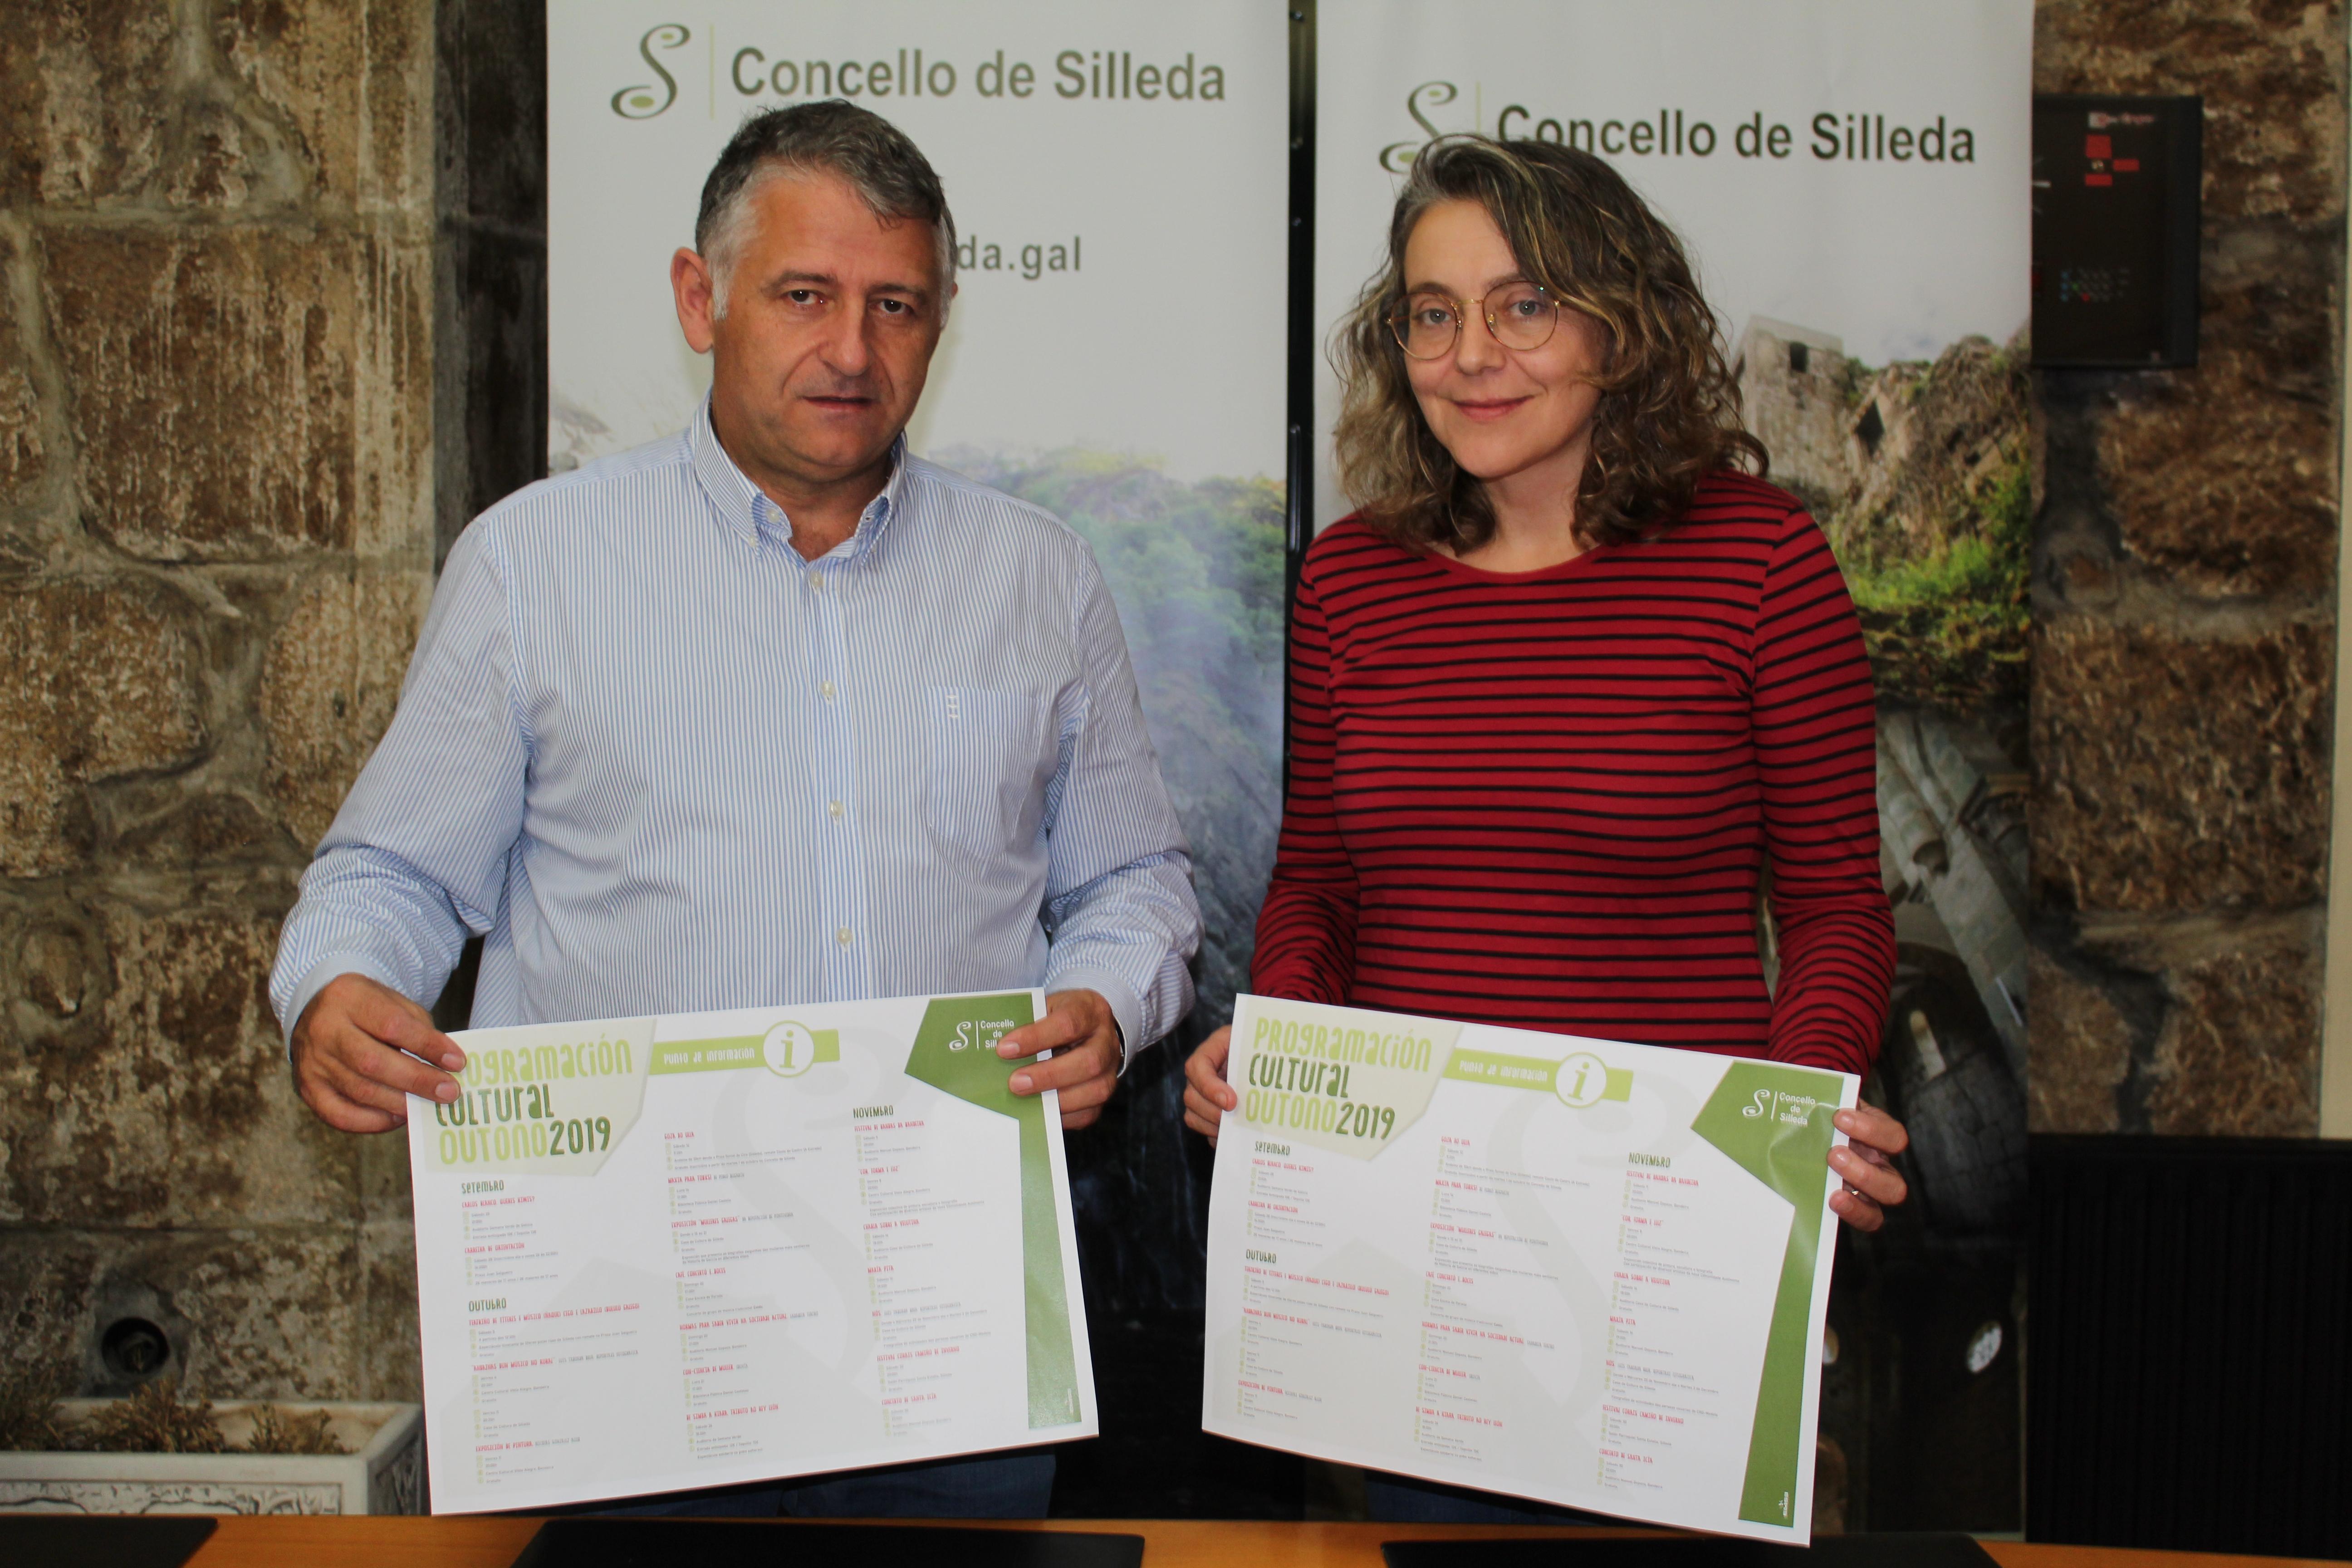 Carlos Blanco abre este sábado o programa cultural de outono en Silleda, cunha vintena de actividades